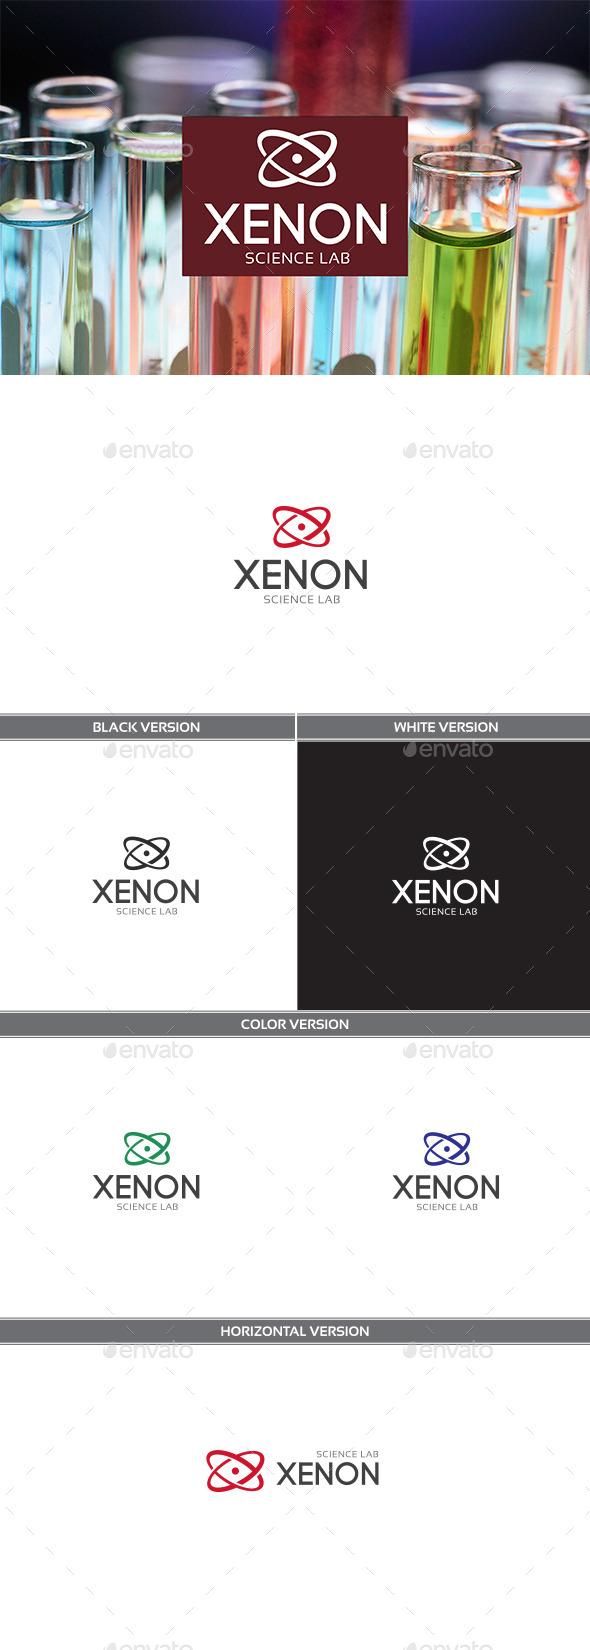 Xenon - Vector Abstract